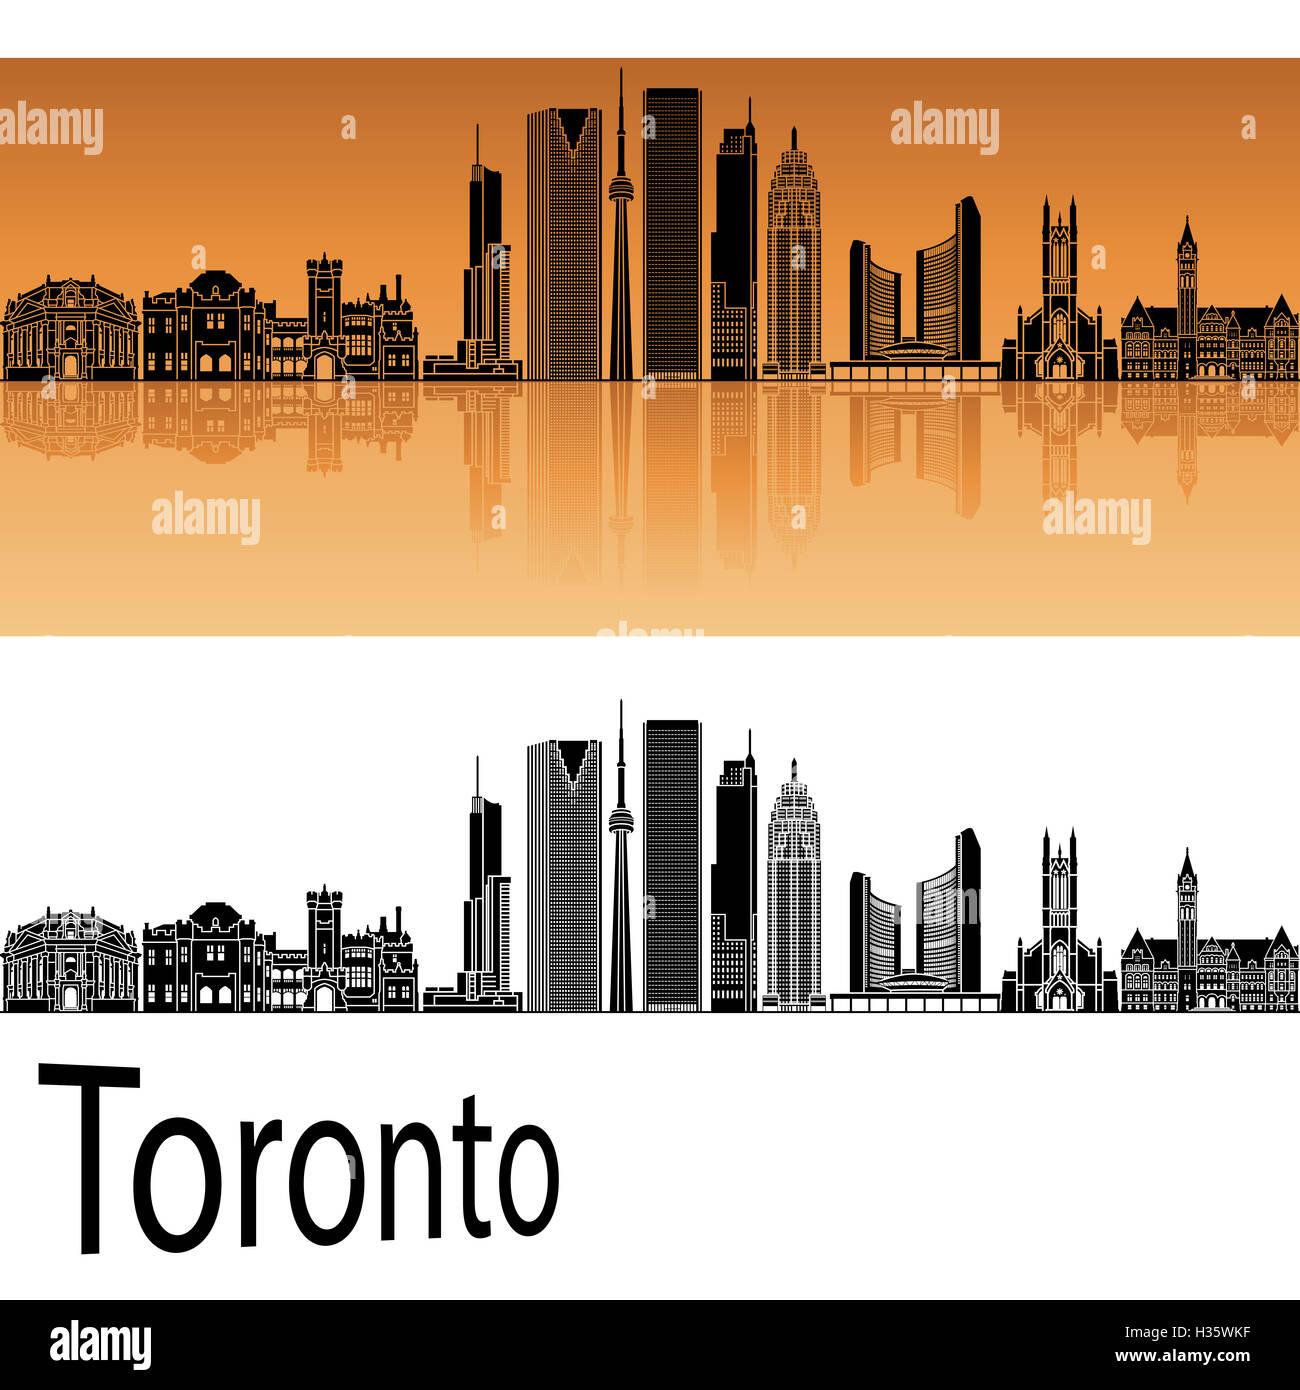 Toronto V2 skyline in orange background in editable vector file - Stock Image